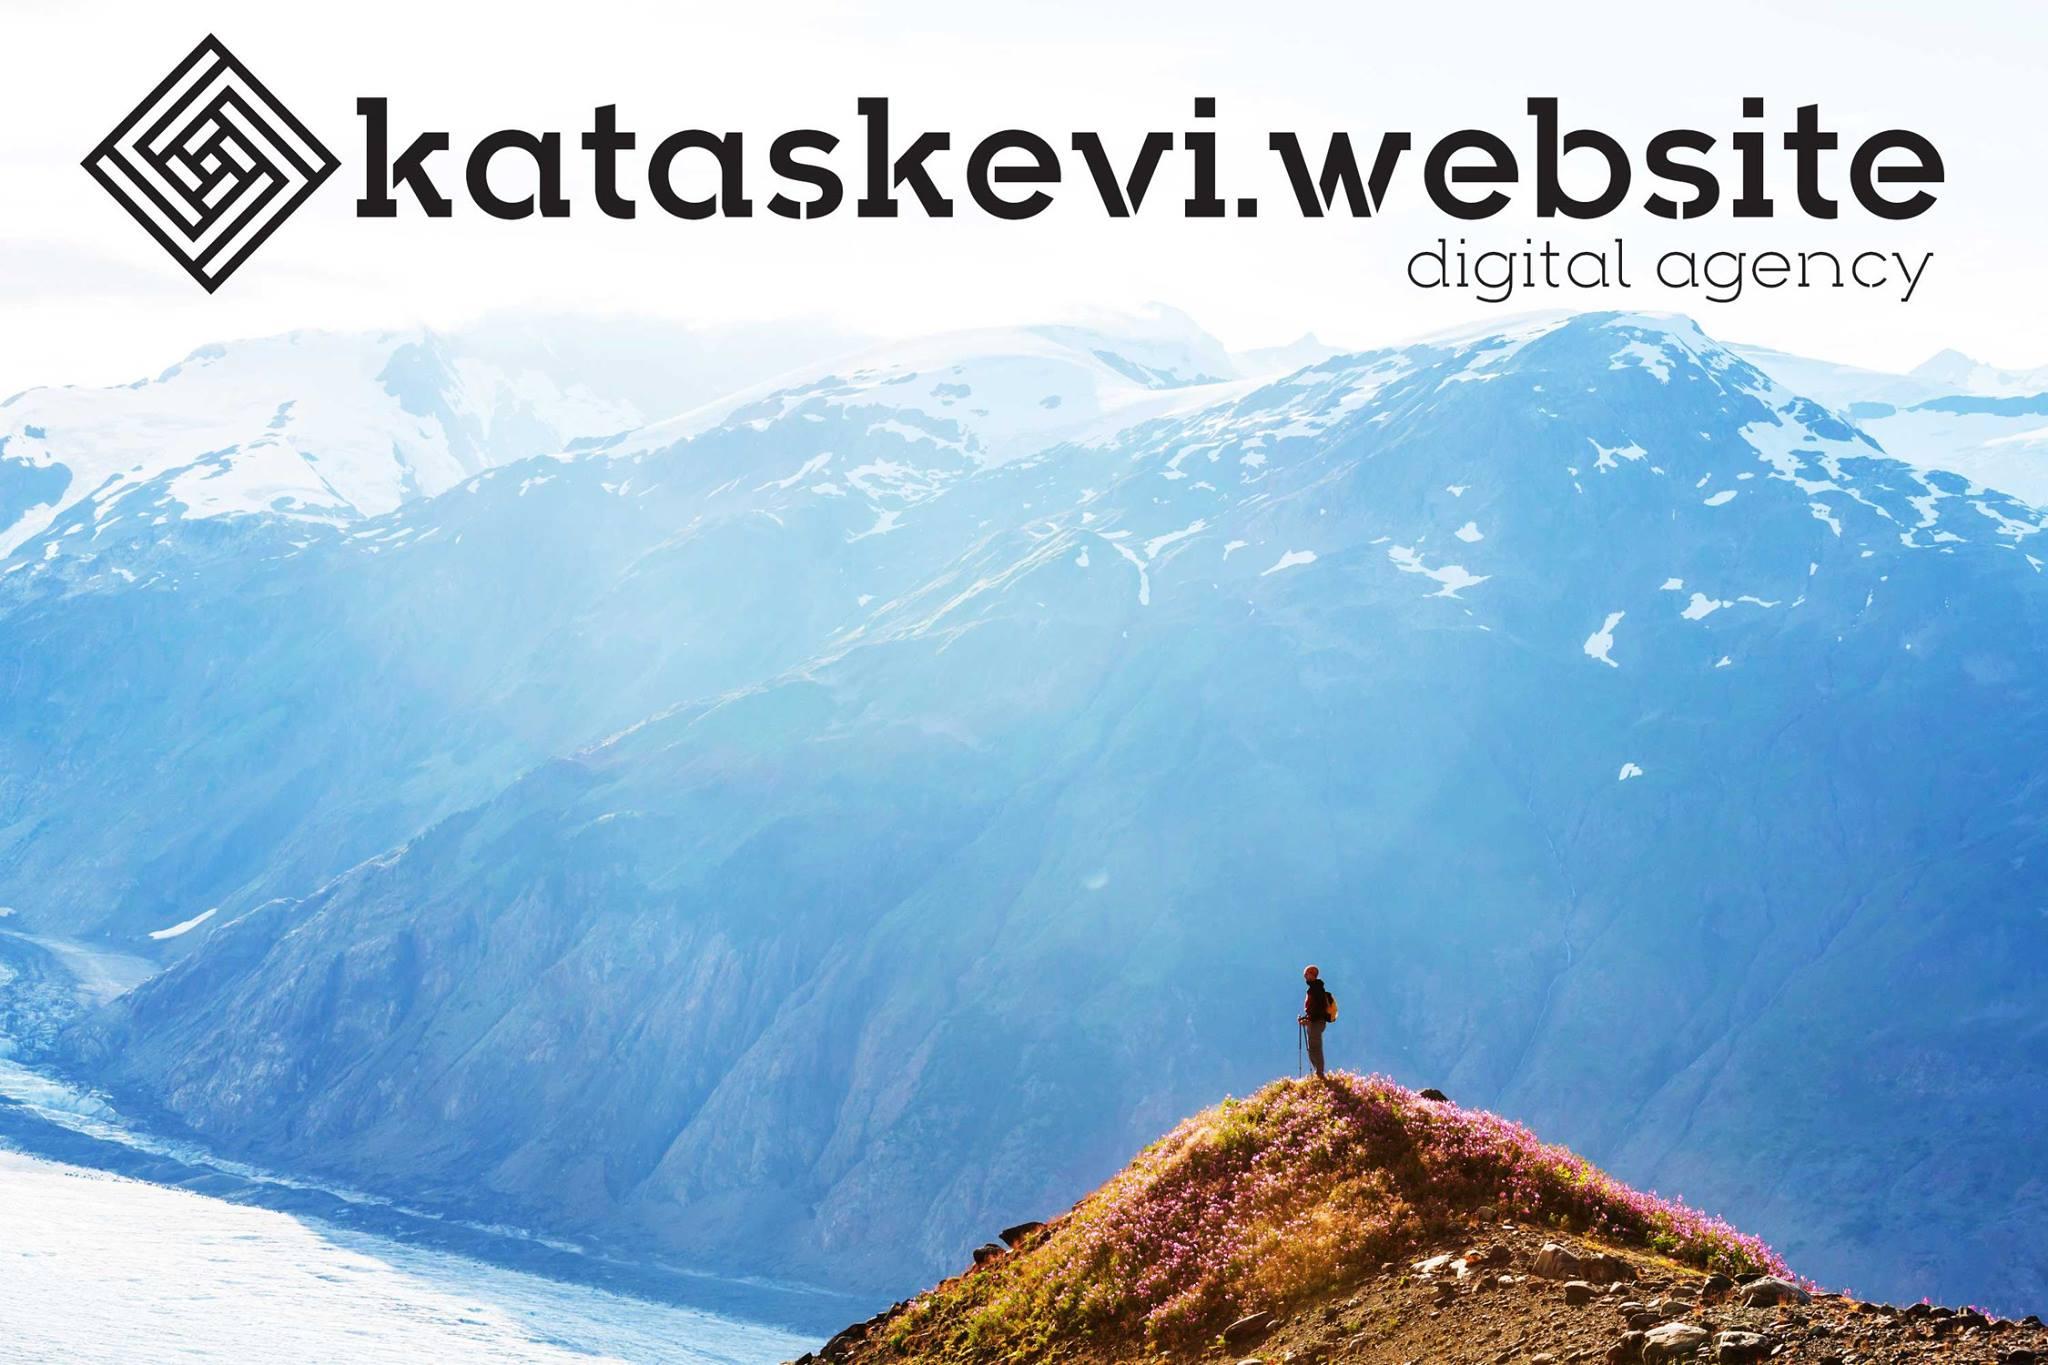 Έκπτωση για κατασκευή ιστοσελίδας σε μέλη με καταστήματα από την kataskevi.website